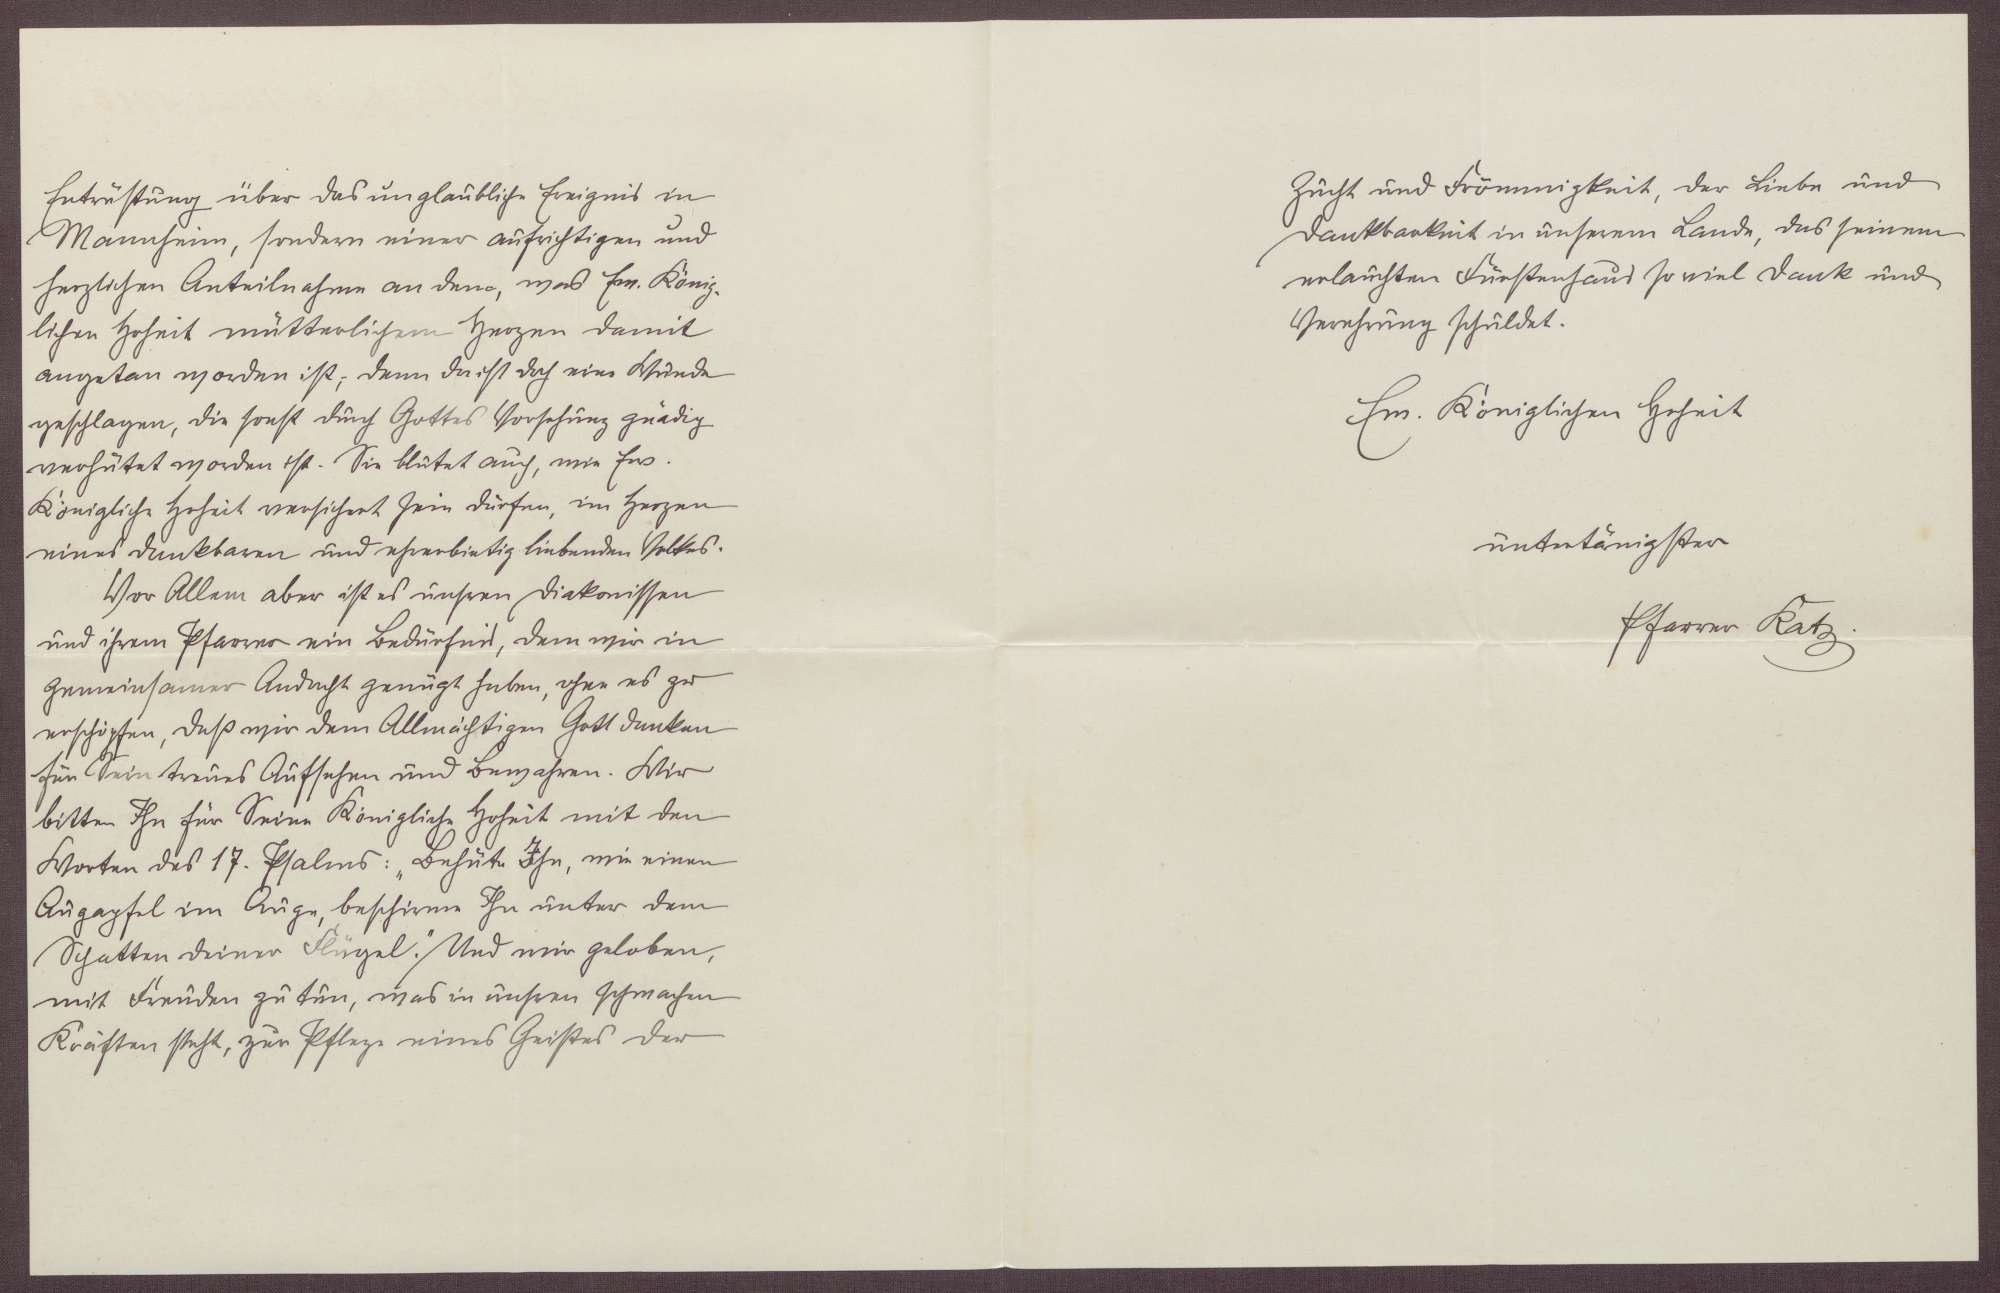 Schreiben von Friedrich Katz an die Großherzogin Luise; trauriger Vorfall mit dem Großherzog Friedrich II. in Mannheim, Bild 2